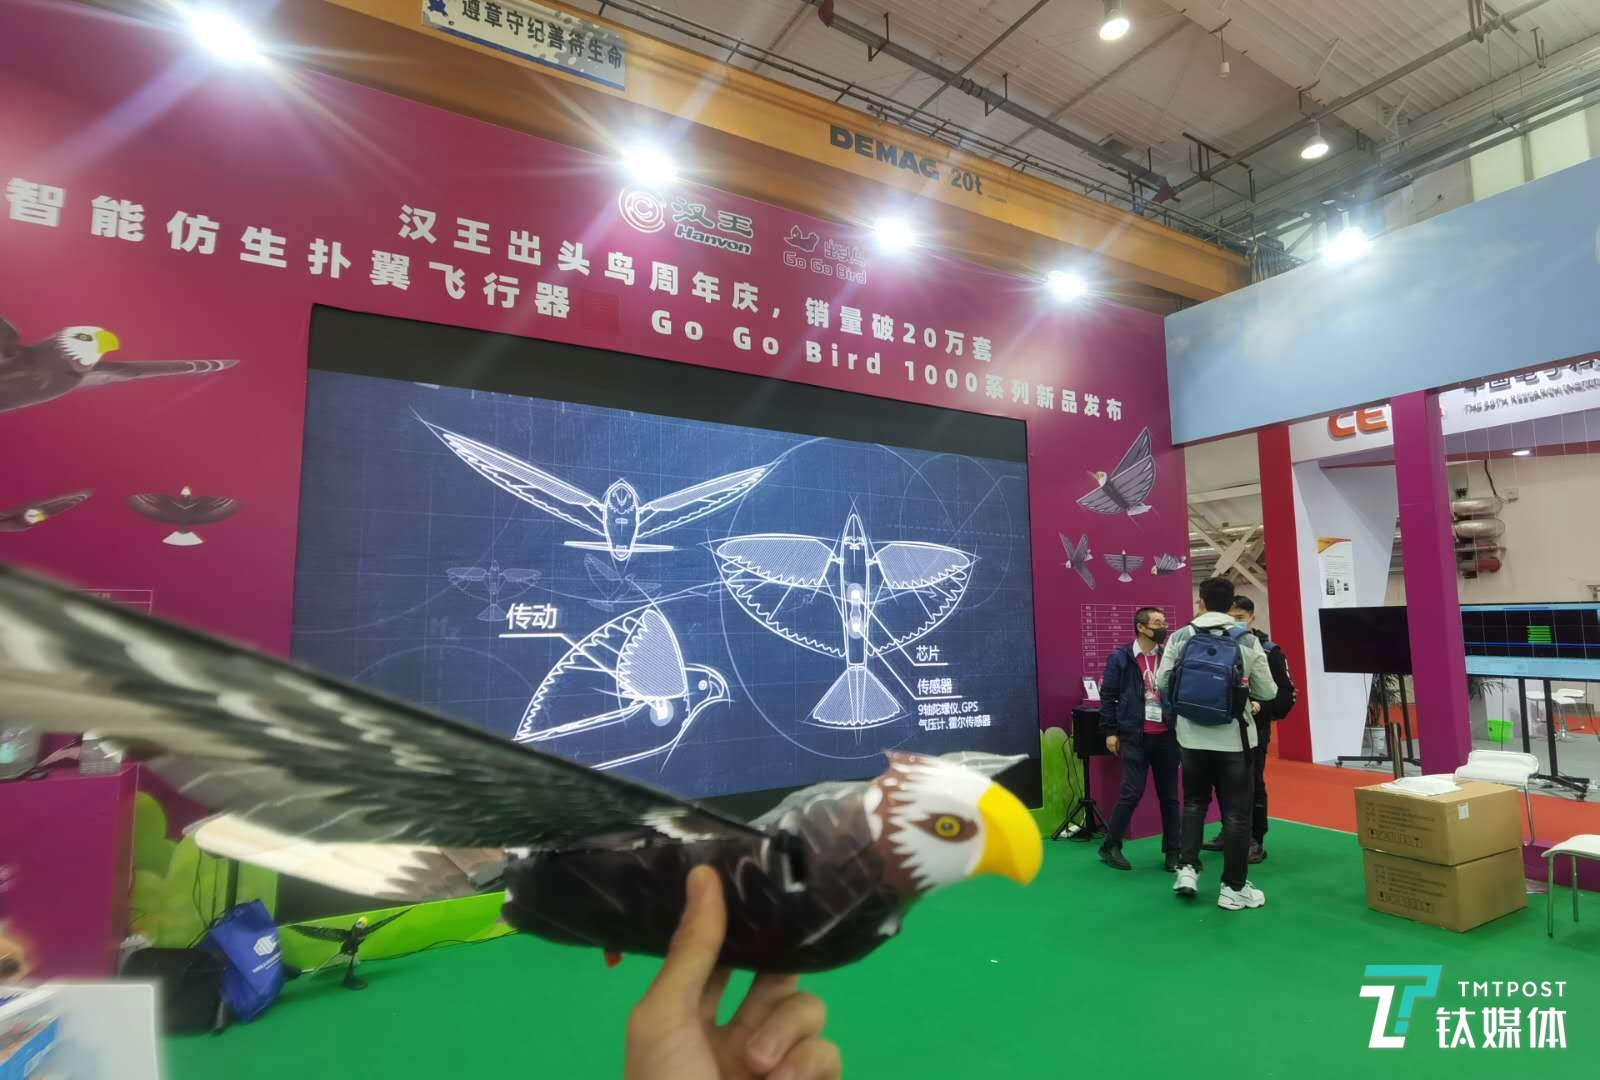 汉王科技推出扑翼仿生飞行器,意欲何为?